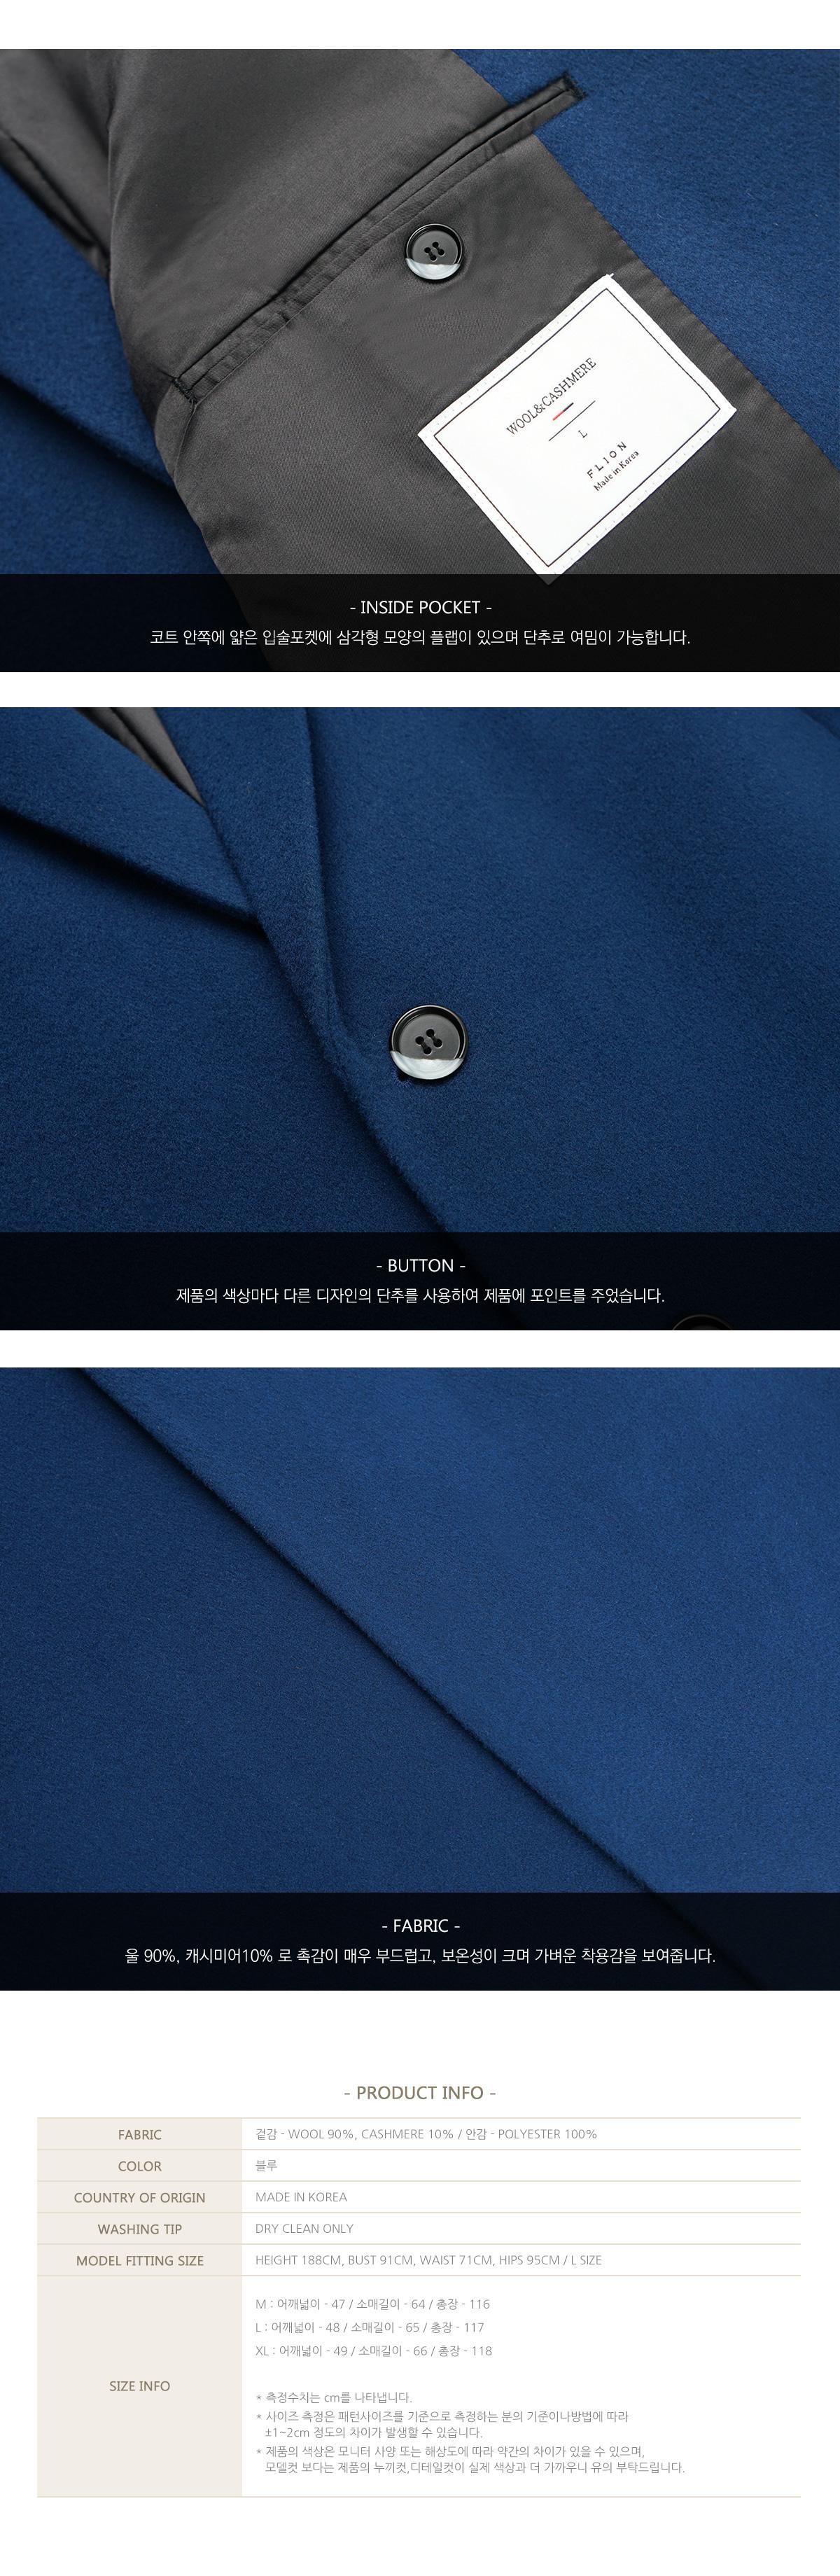 플리온(FLION) 레드라인 캐시미어 원버튼 롱 코트 - 블루